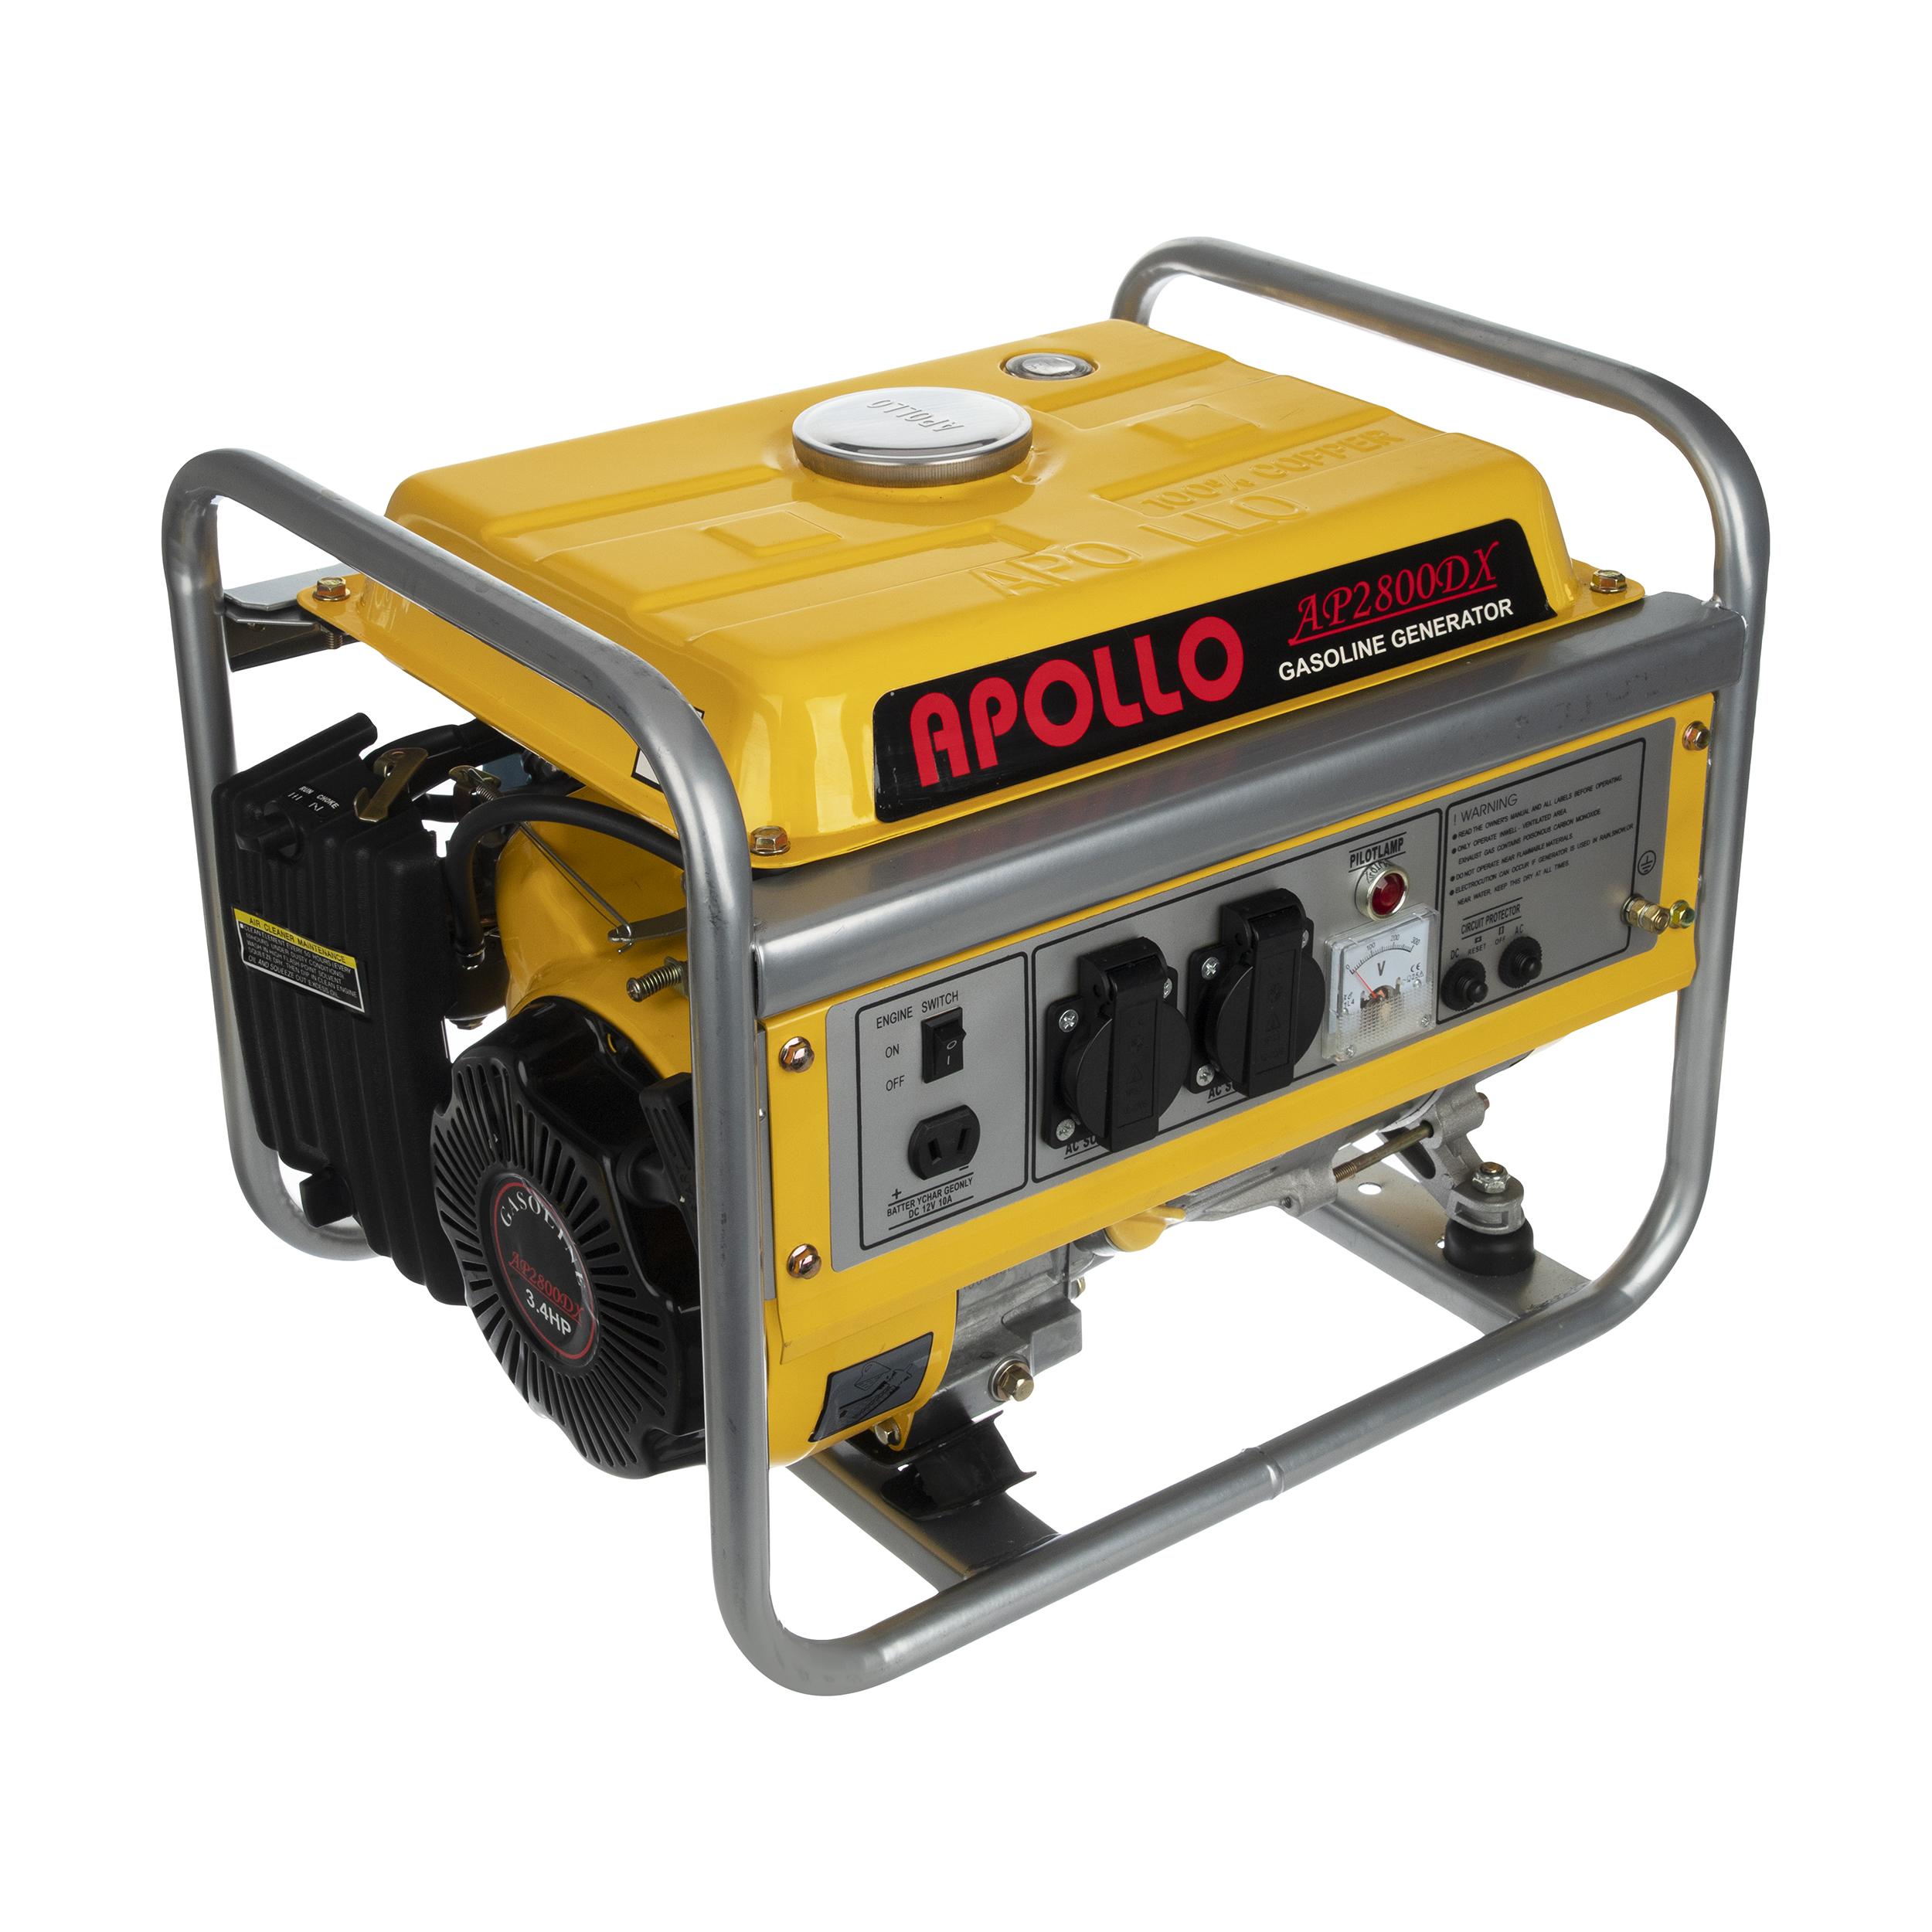 موتور برق آپولو مدل AP2800DX کد 01